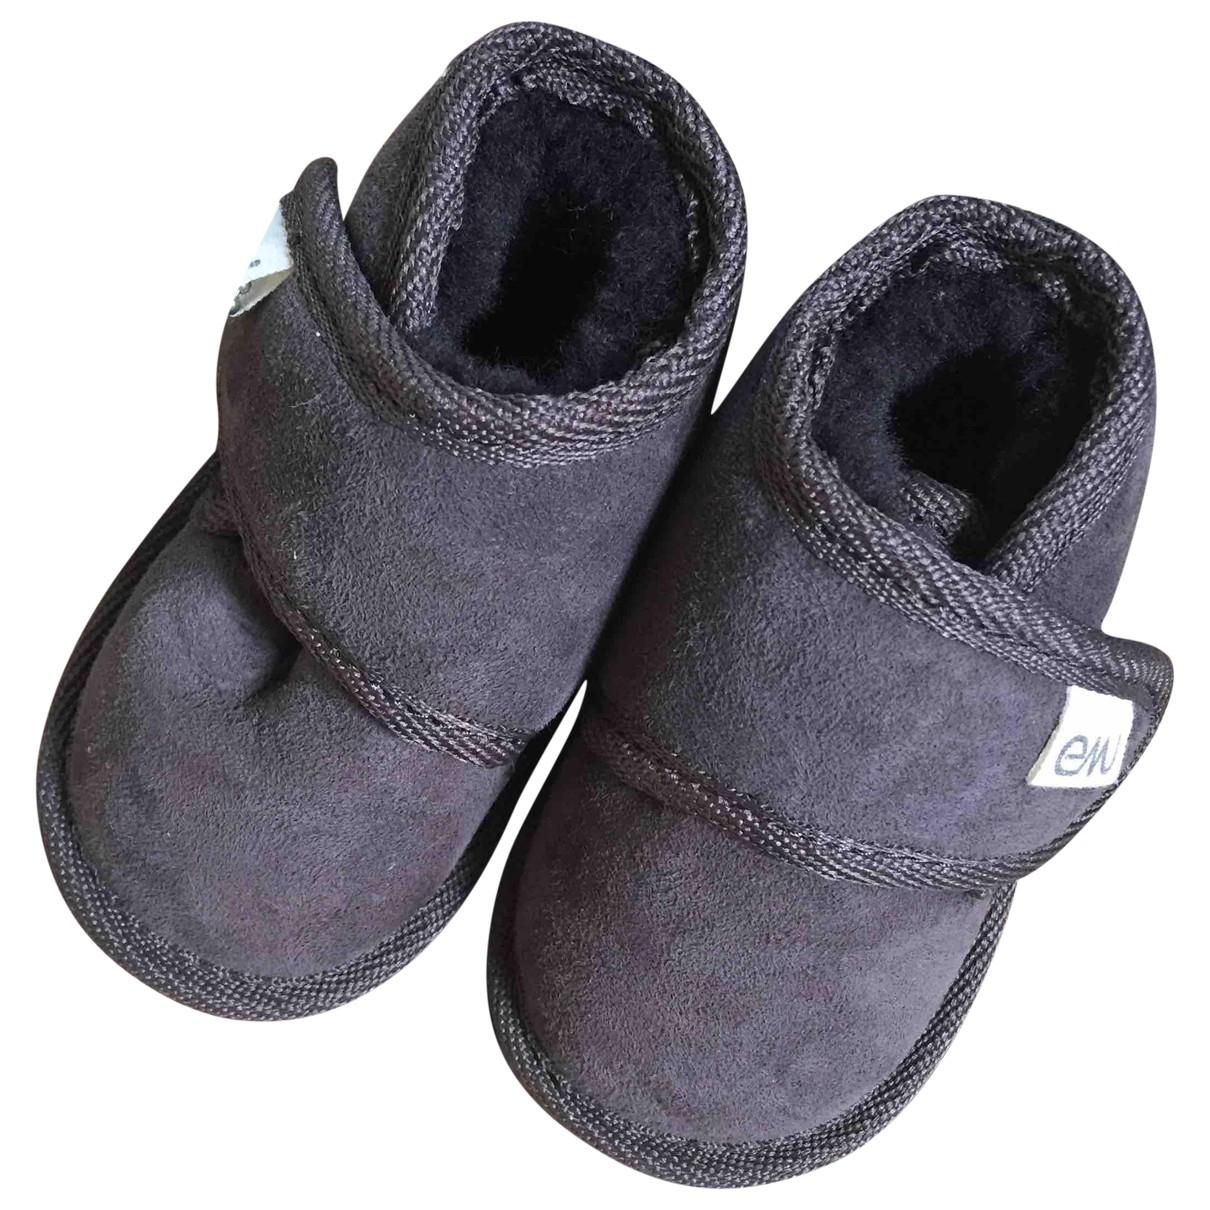 Emu Australia - Bottes.Bottines   pour enfant en caoutchouc - marron